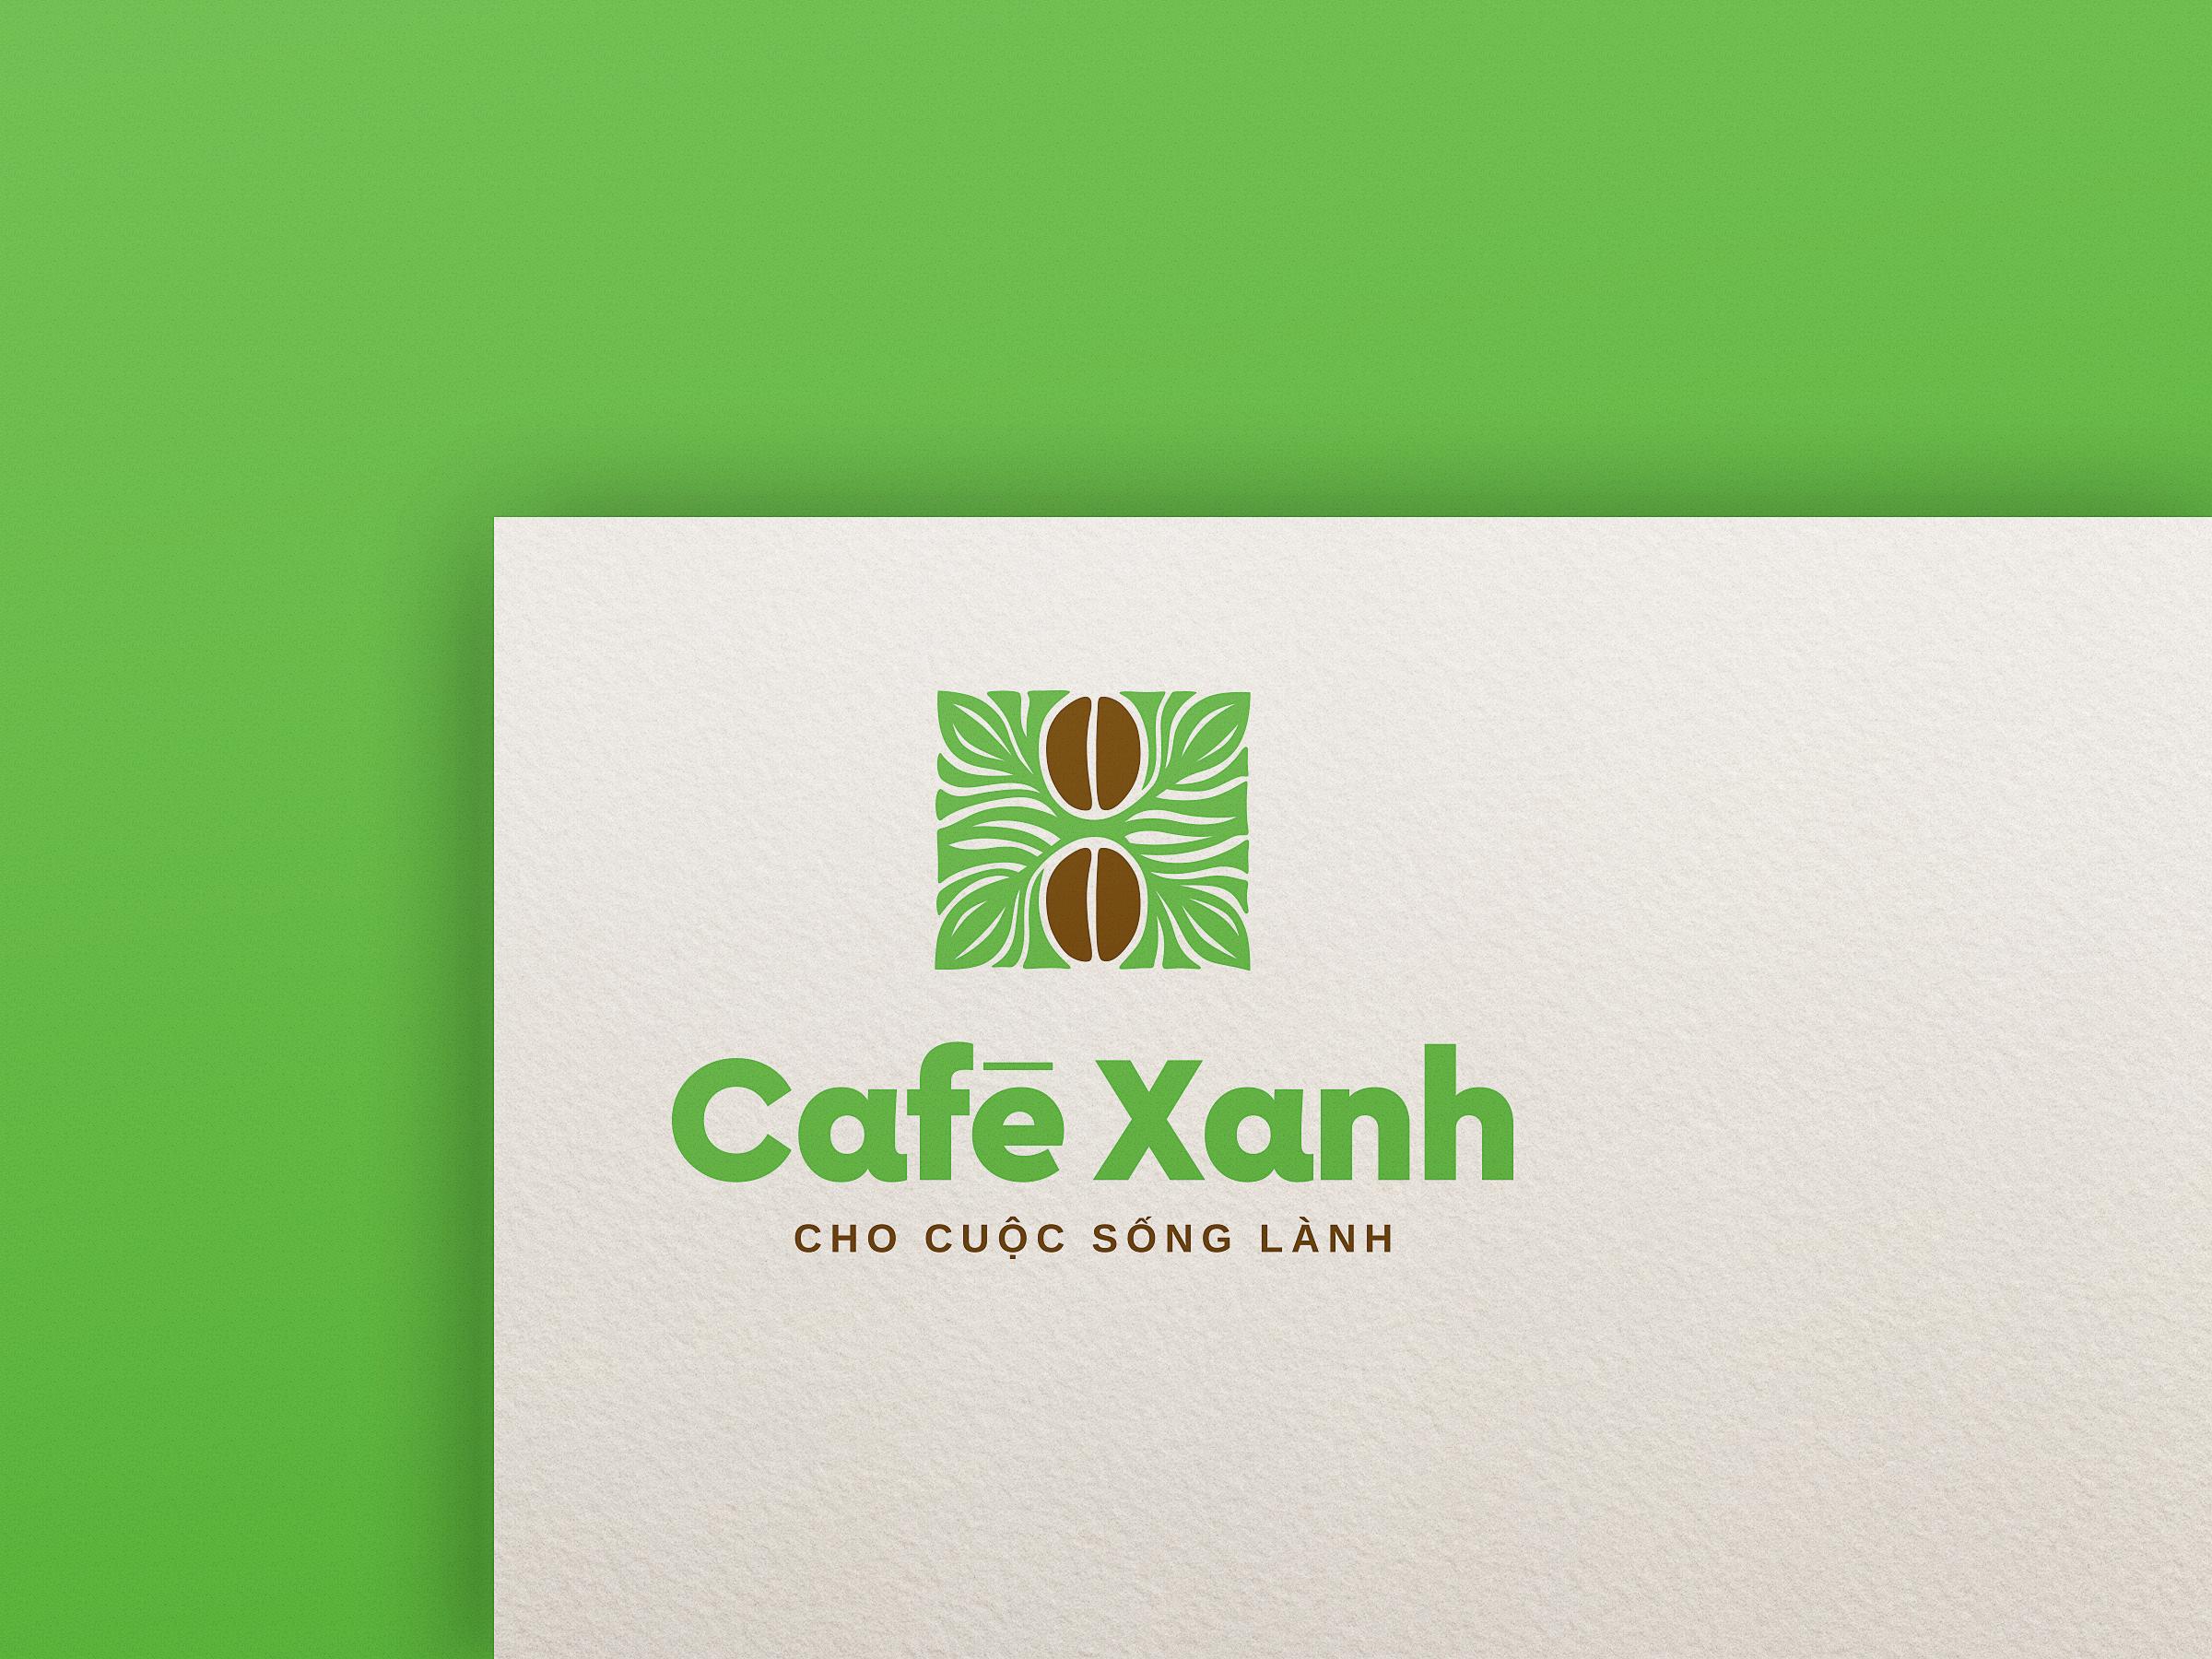 Cafe xanh logo